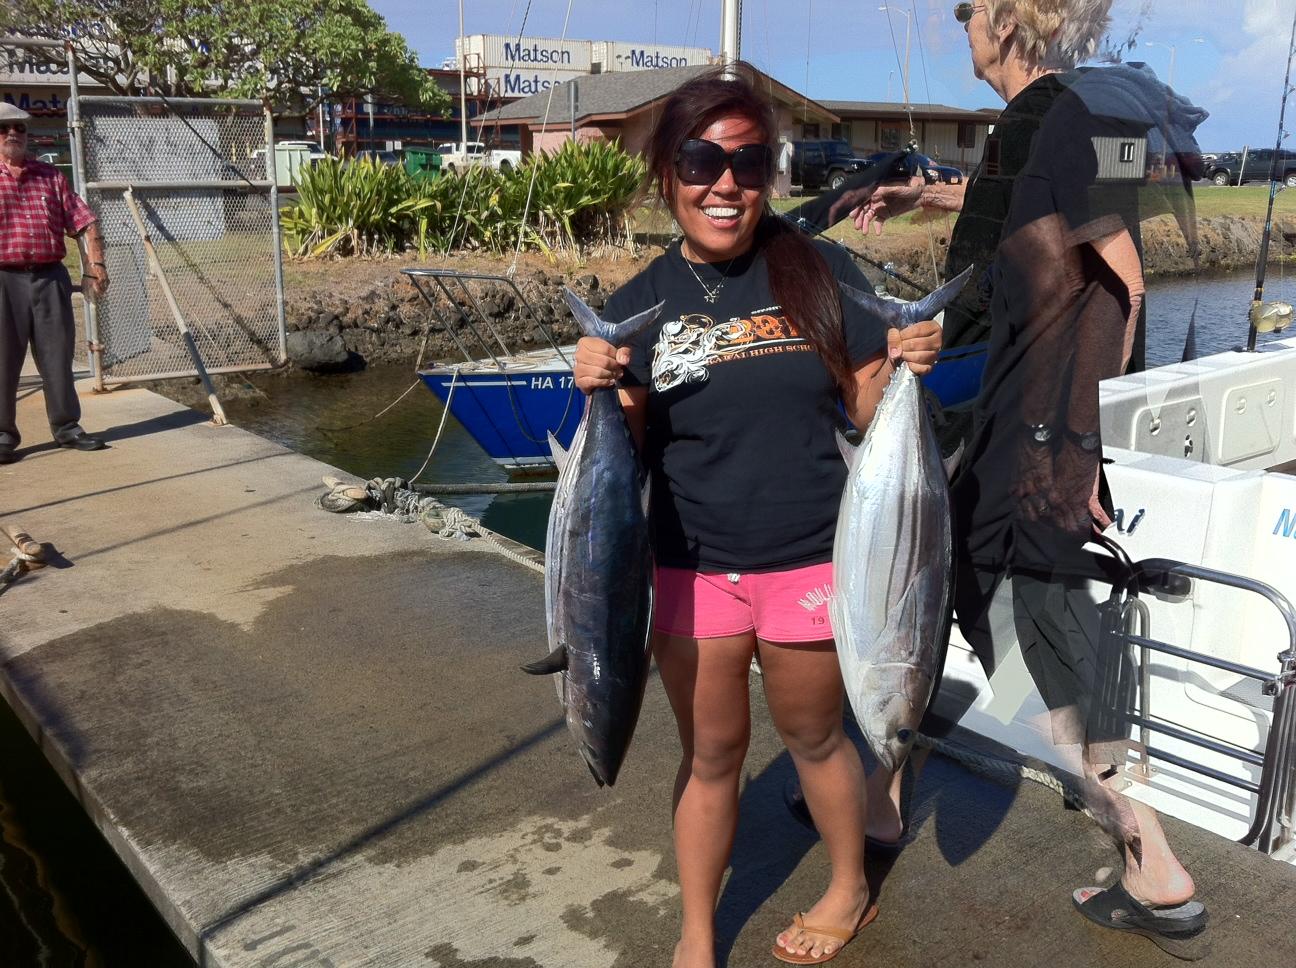 C lure fishing chaters kauai hawaii september 2012 for Fishing in kauai